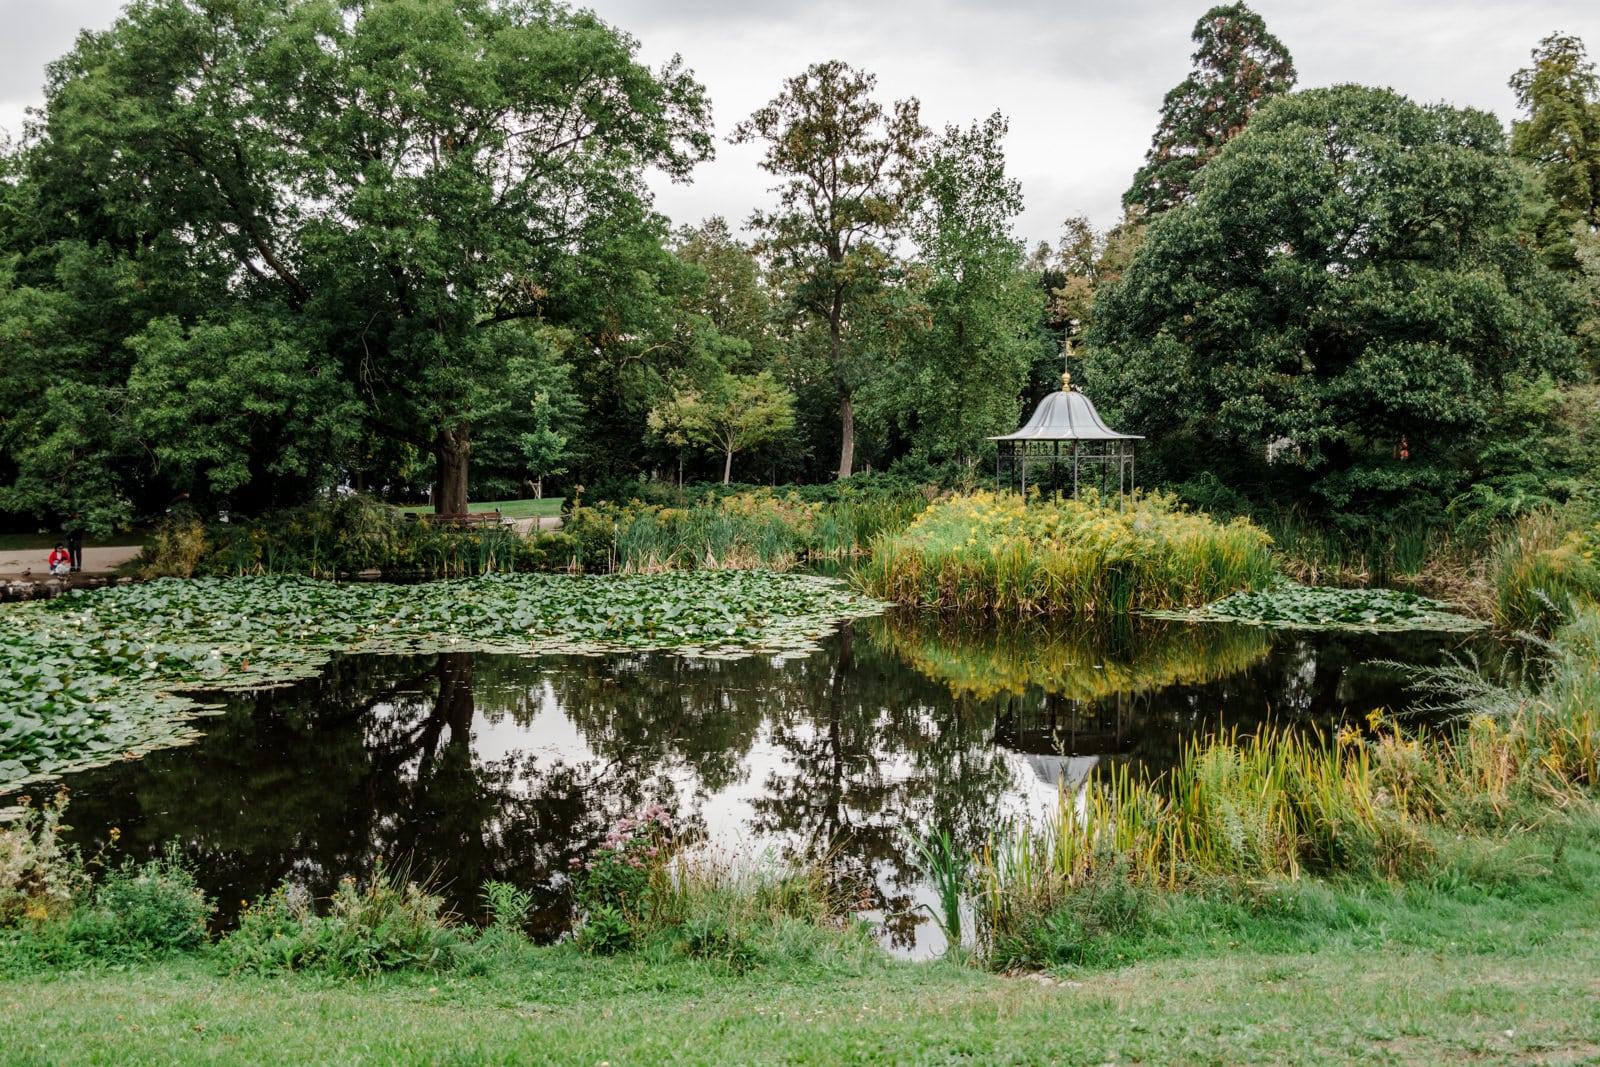 Teich im Park des Prinz-Emil-Schlösschen in Darmstadt